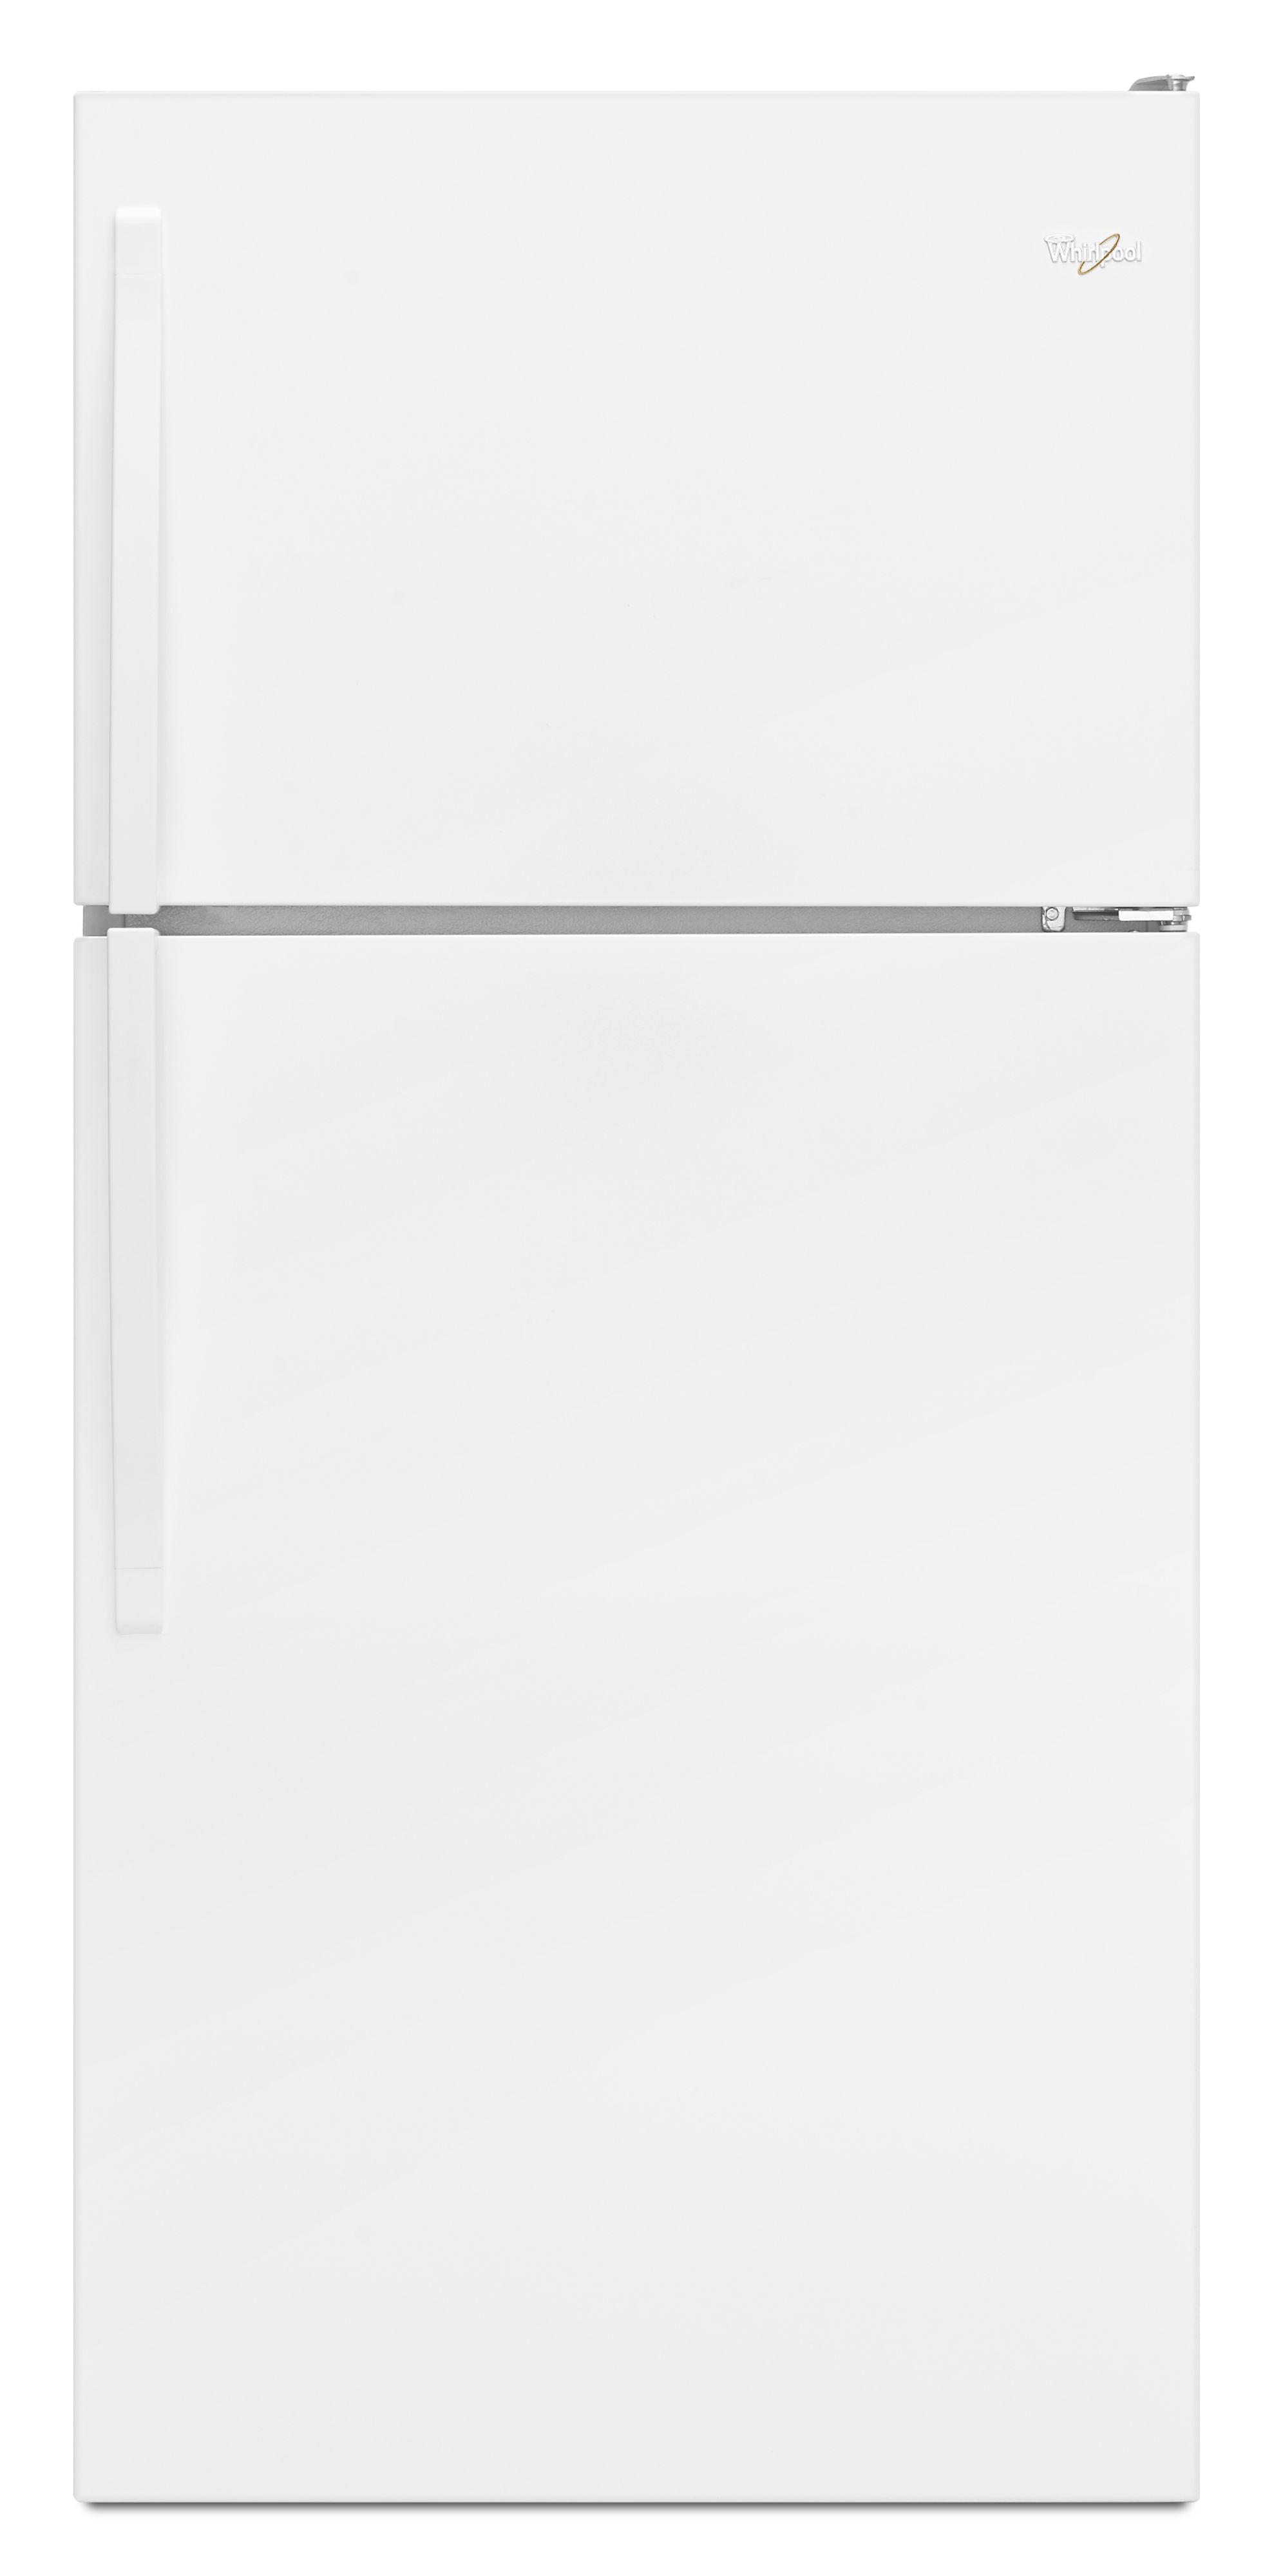 whirlpool wrt318fmdw 18 cu  ft  top freezer refrigerator with 3 glass shelves  6 door bins  deli